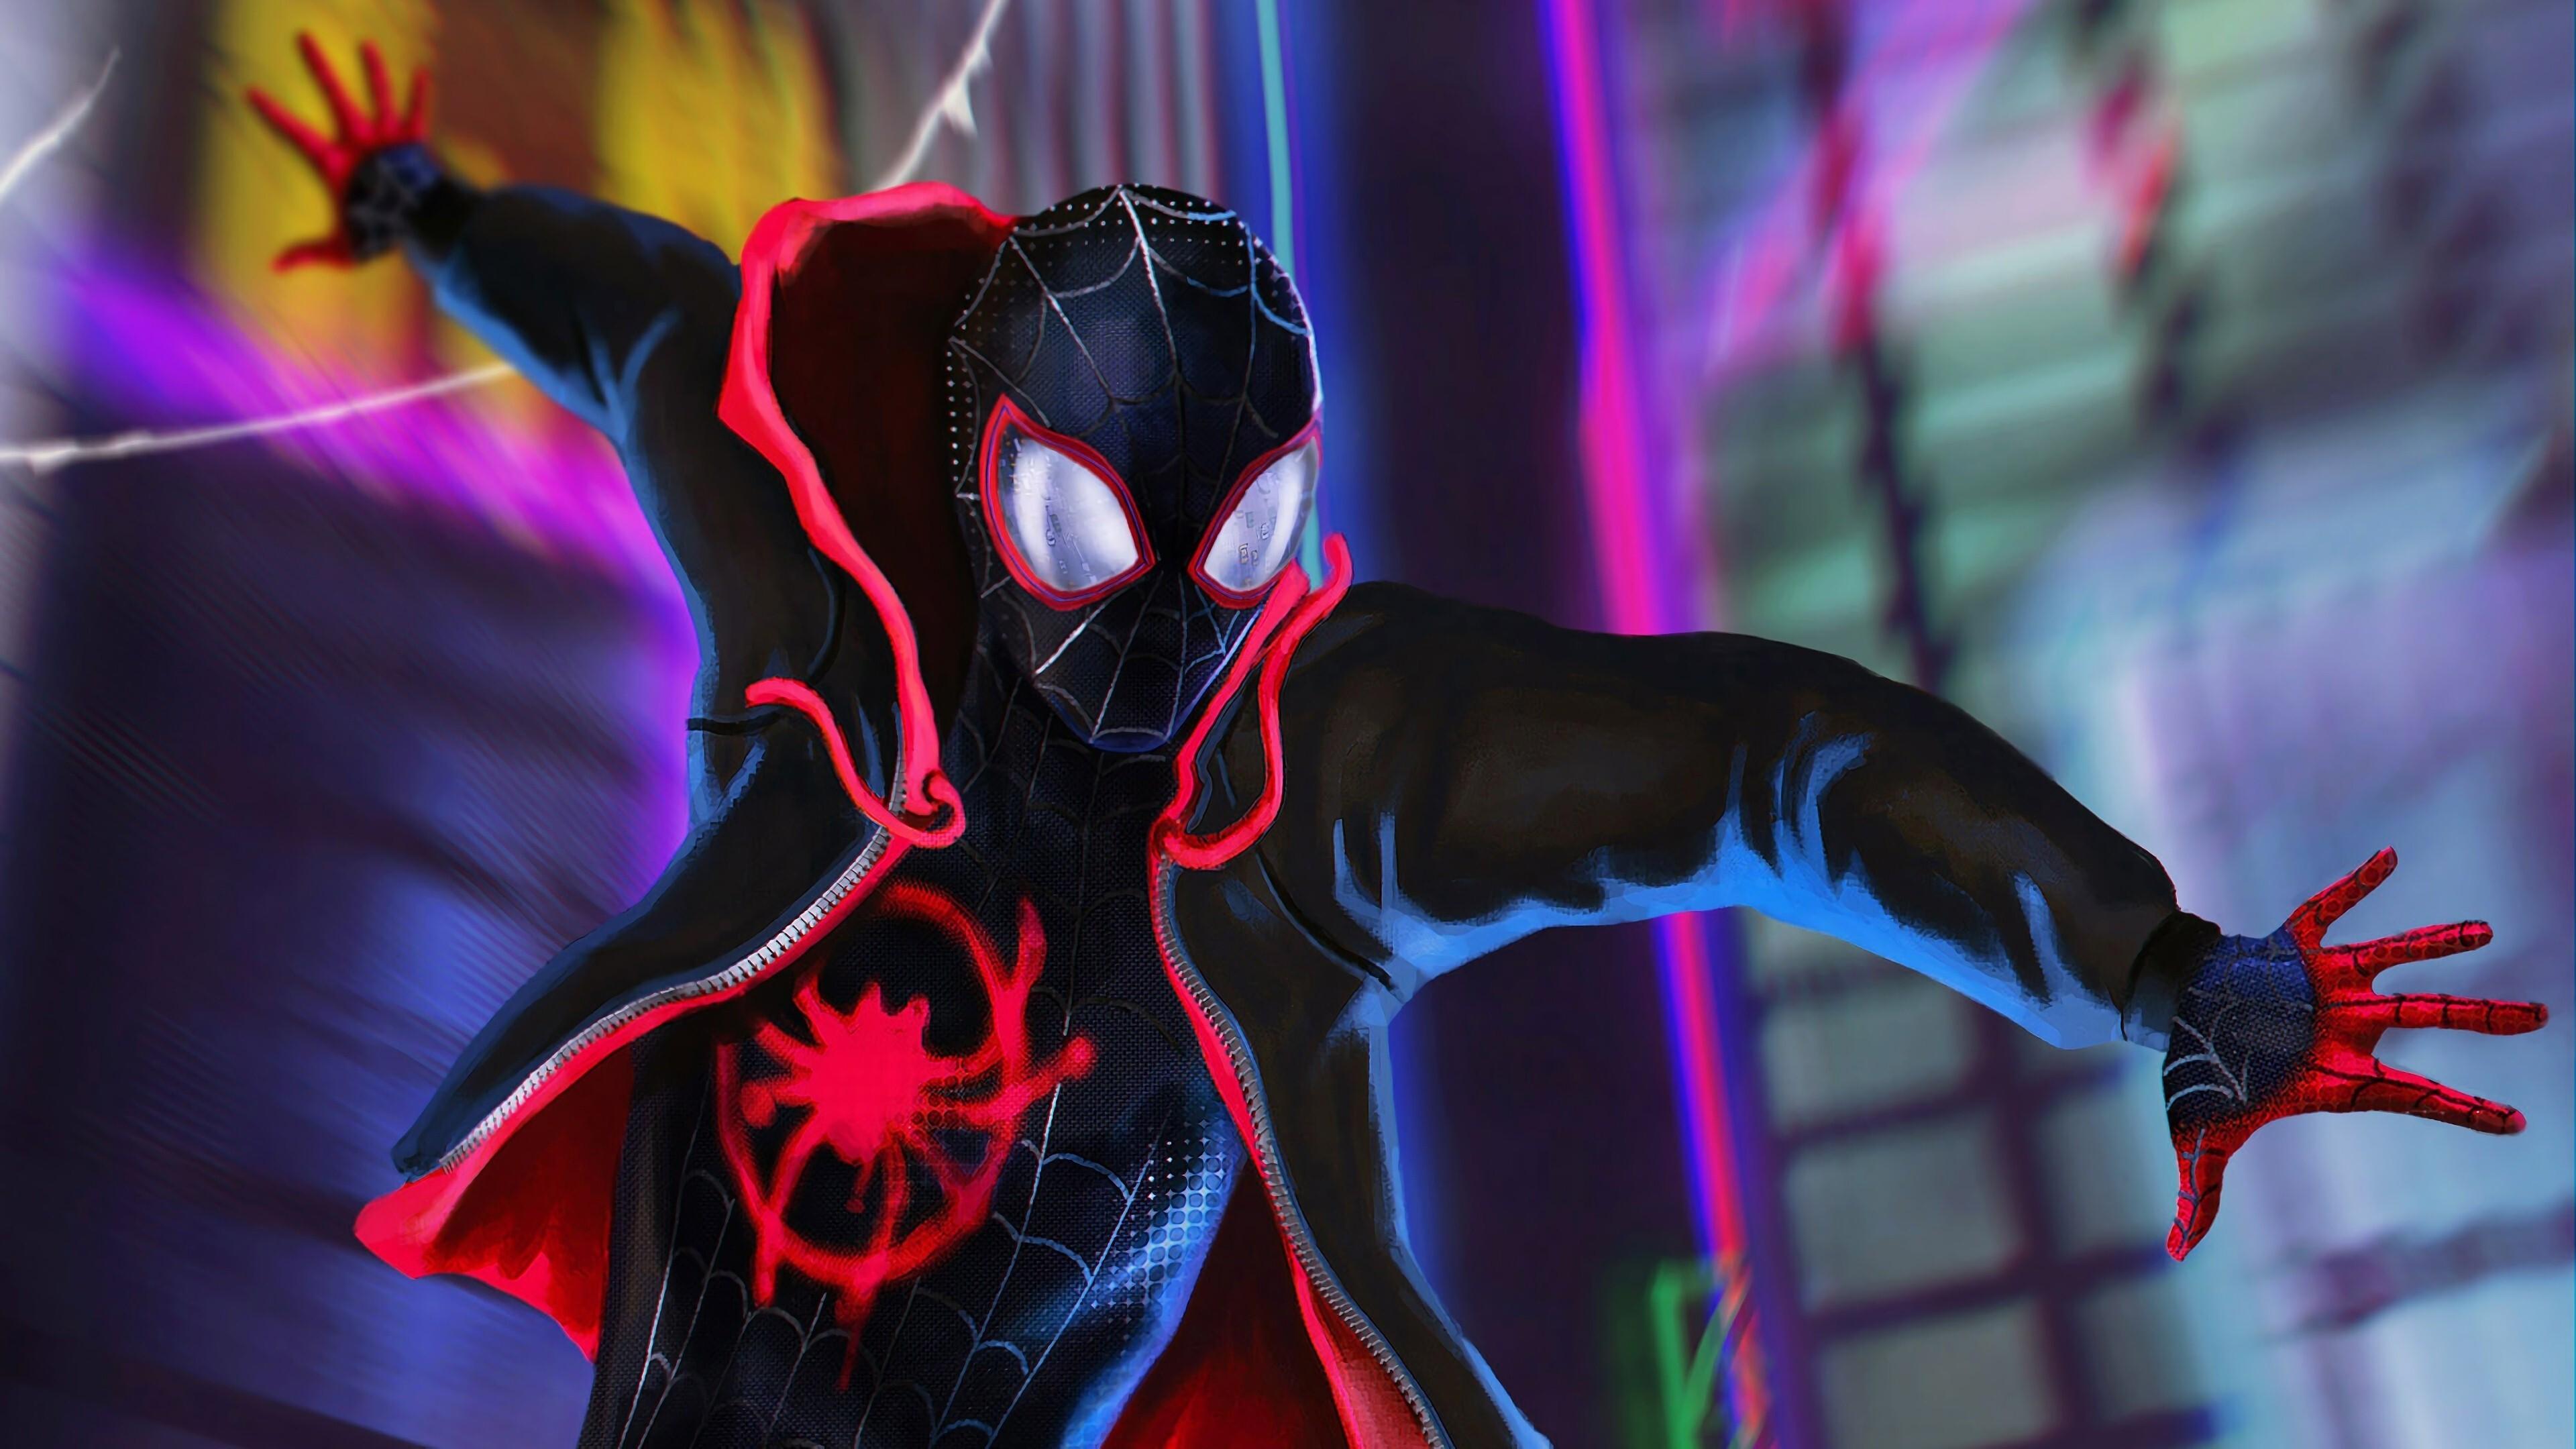 4K Photo of Spider Man Into the Spider Verse 2018 Movie ...